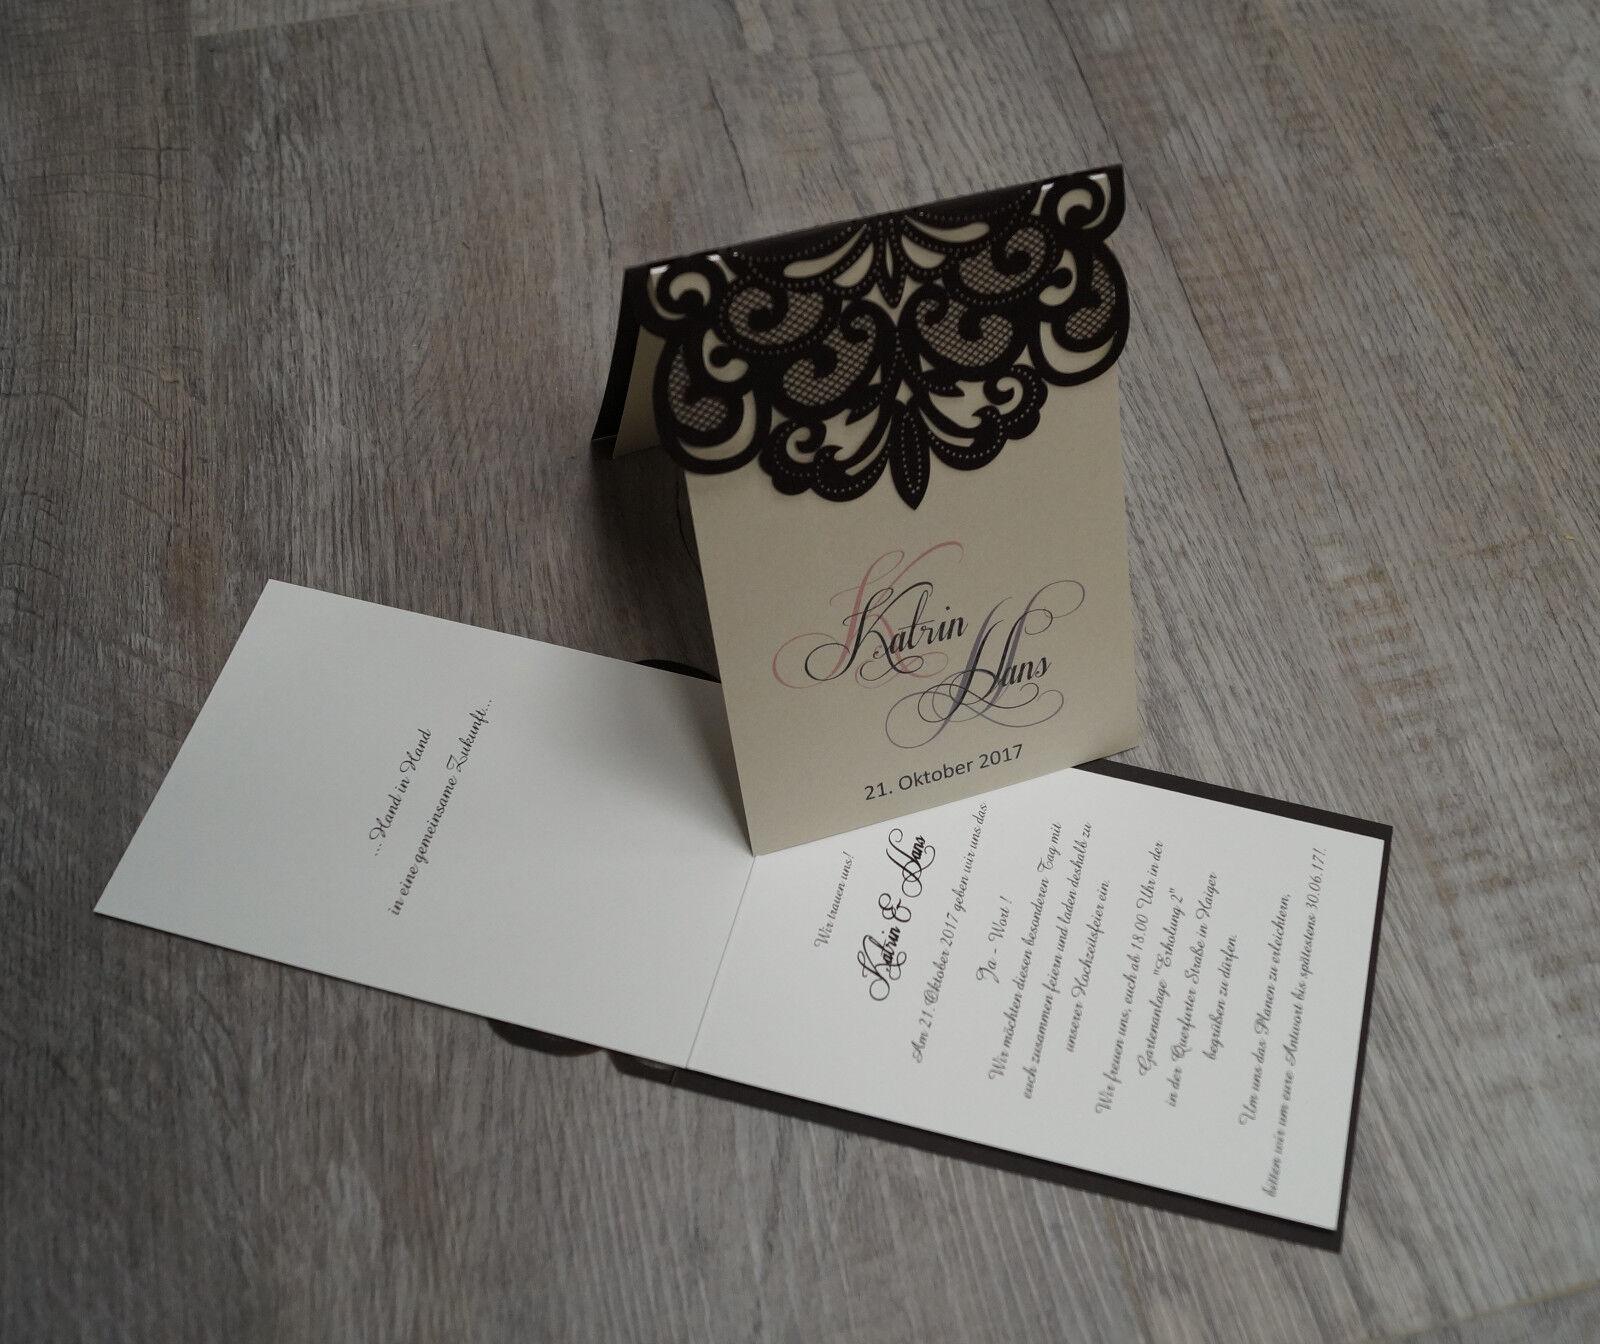 Einladungskarte Hochzeit FE352E mit Umschlag  Hochzeitseinladungskarten   Starke Hitze- Hitze- Hitze- und Hitzebeständigkeit    Elegant und feierlich    Bekannt für seine gute Qualität  5f305c